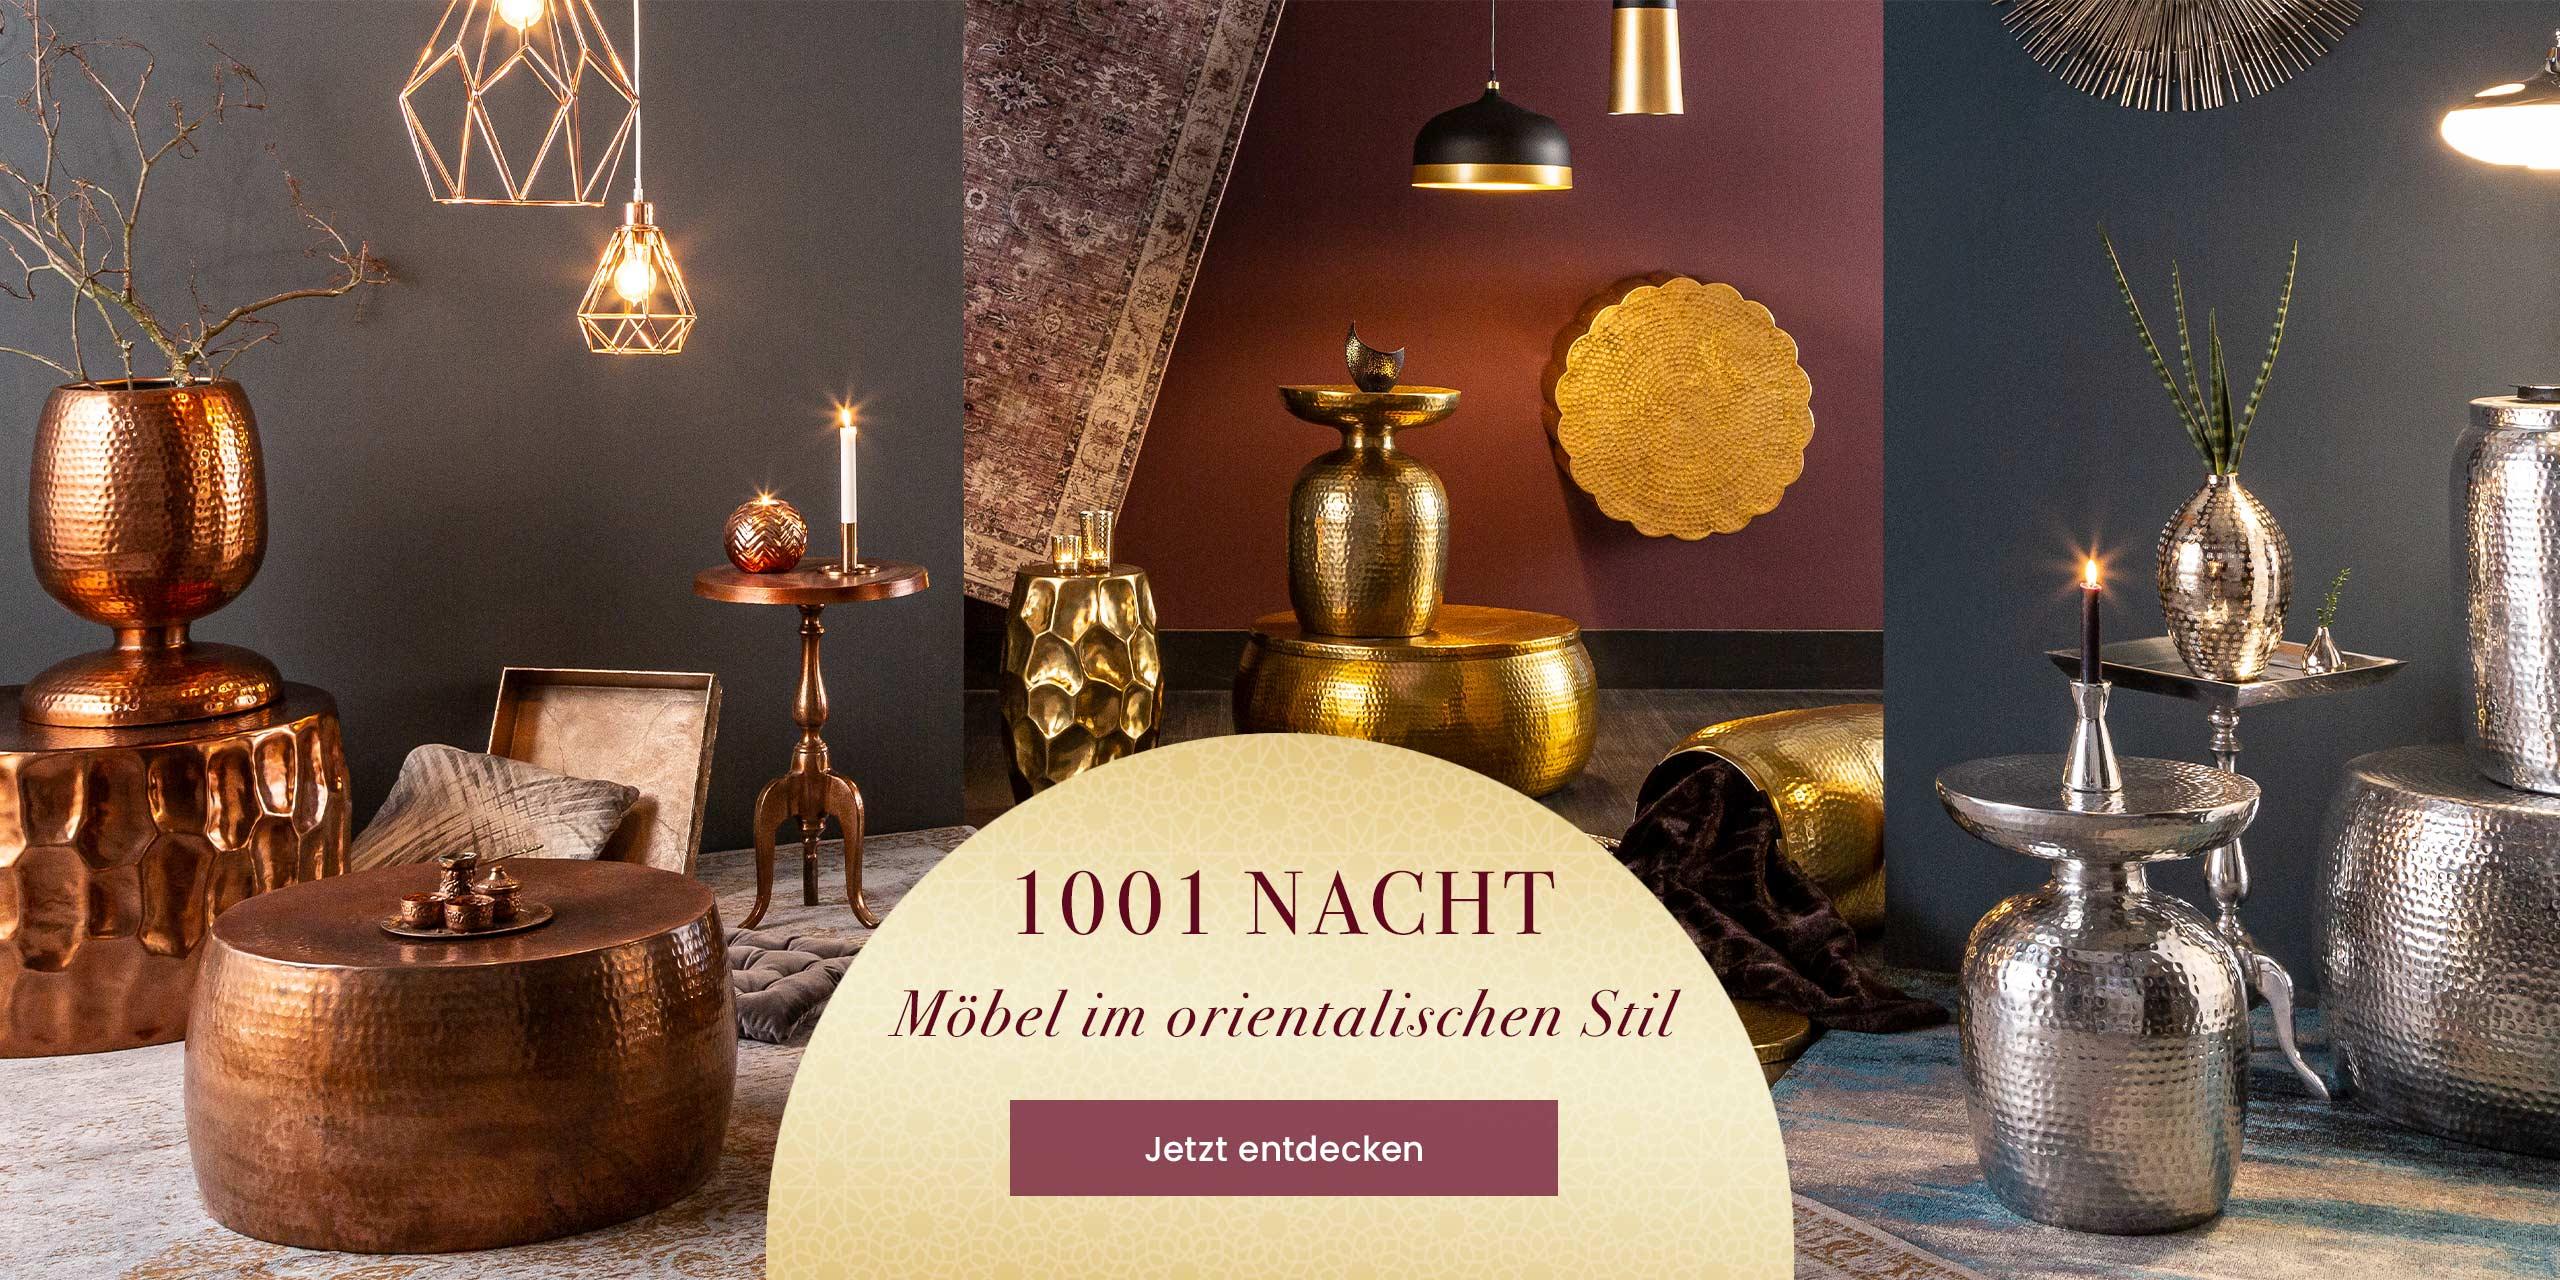 Slider 1 orientalische Möbel